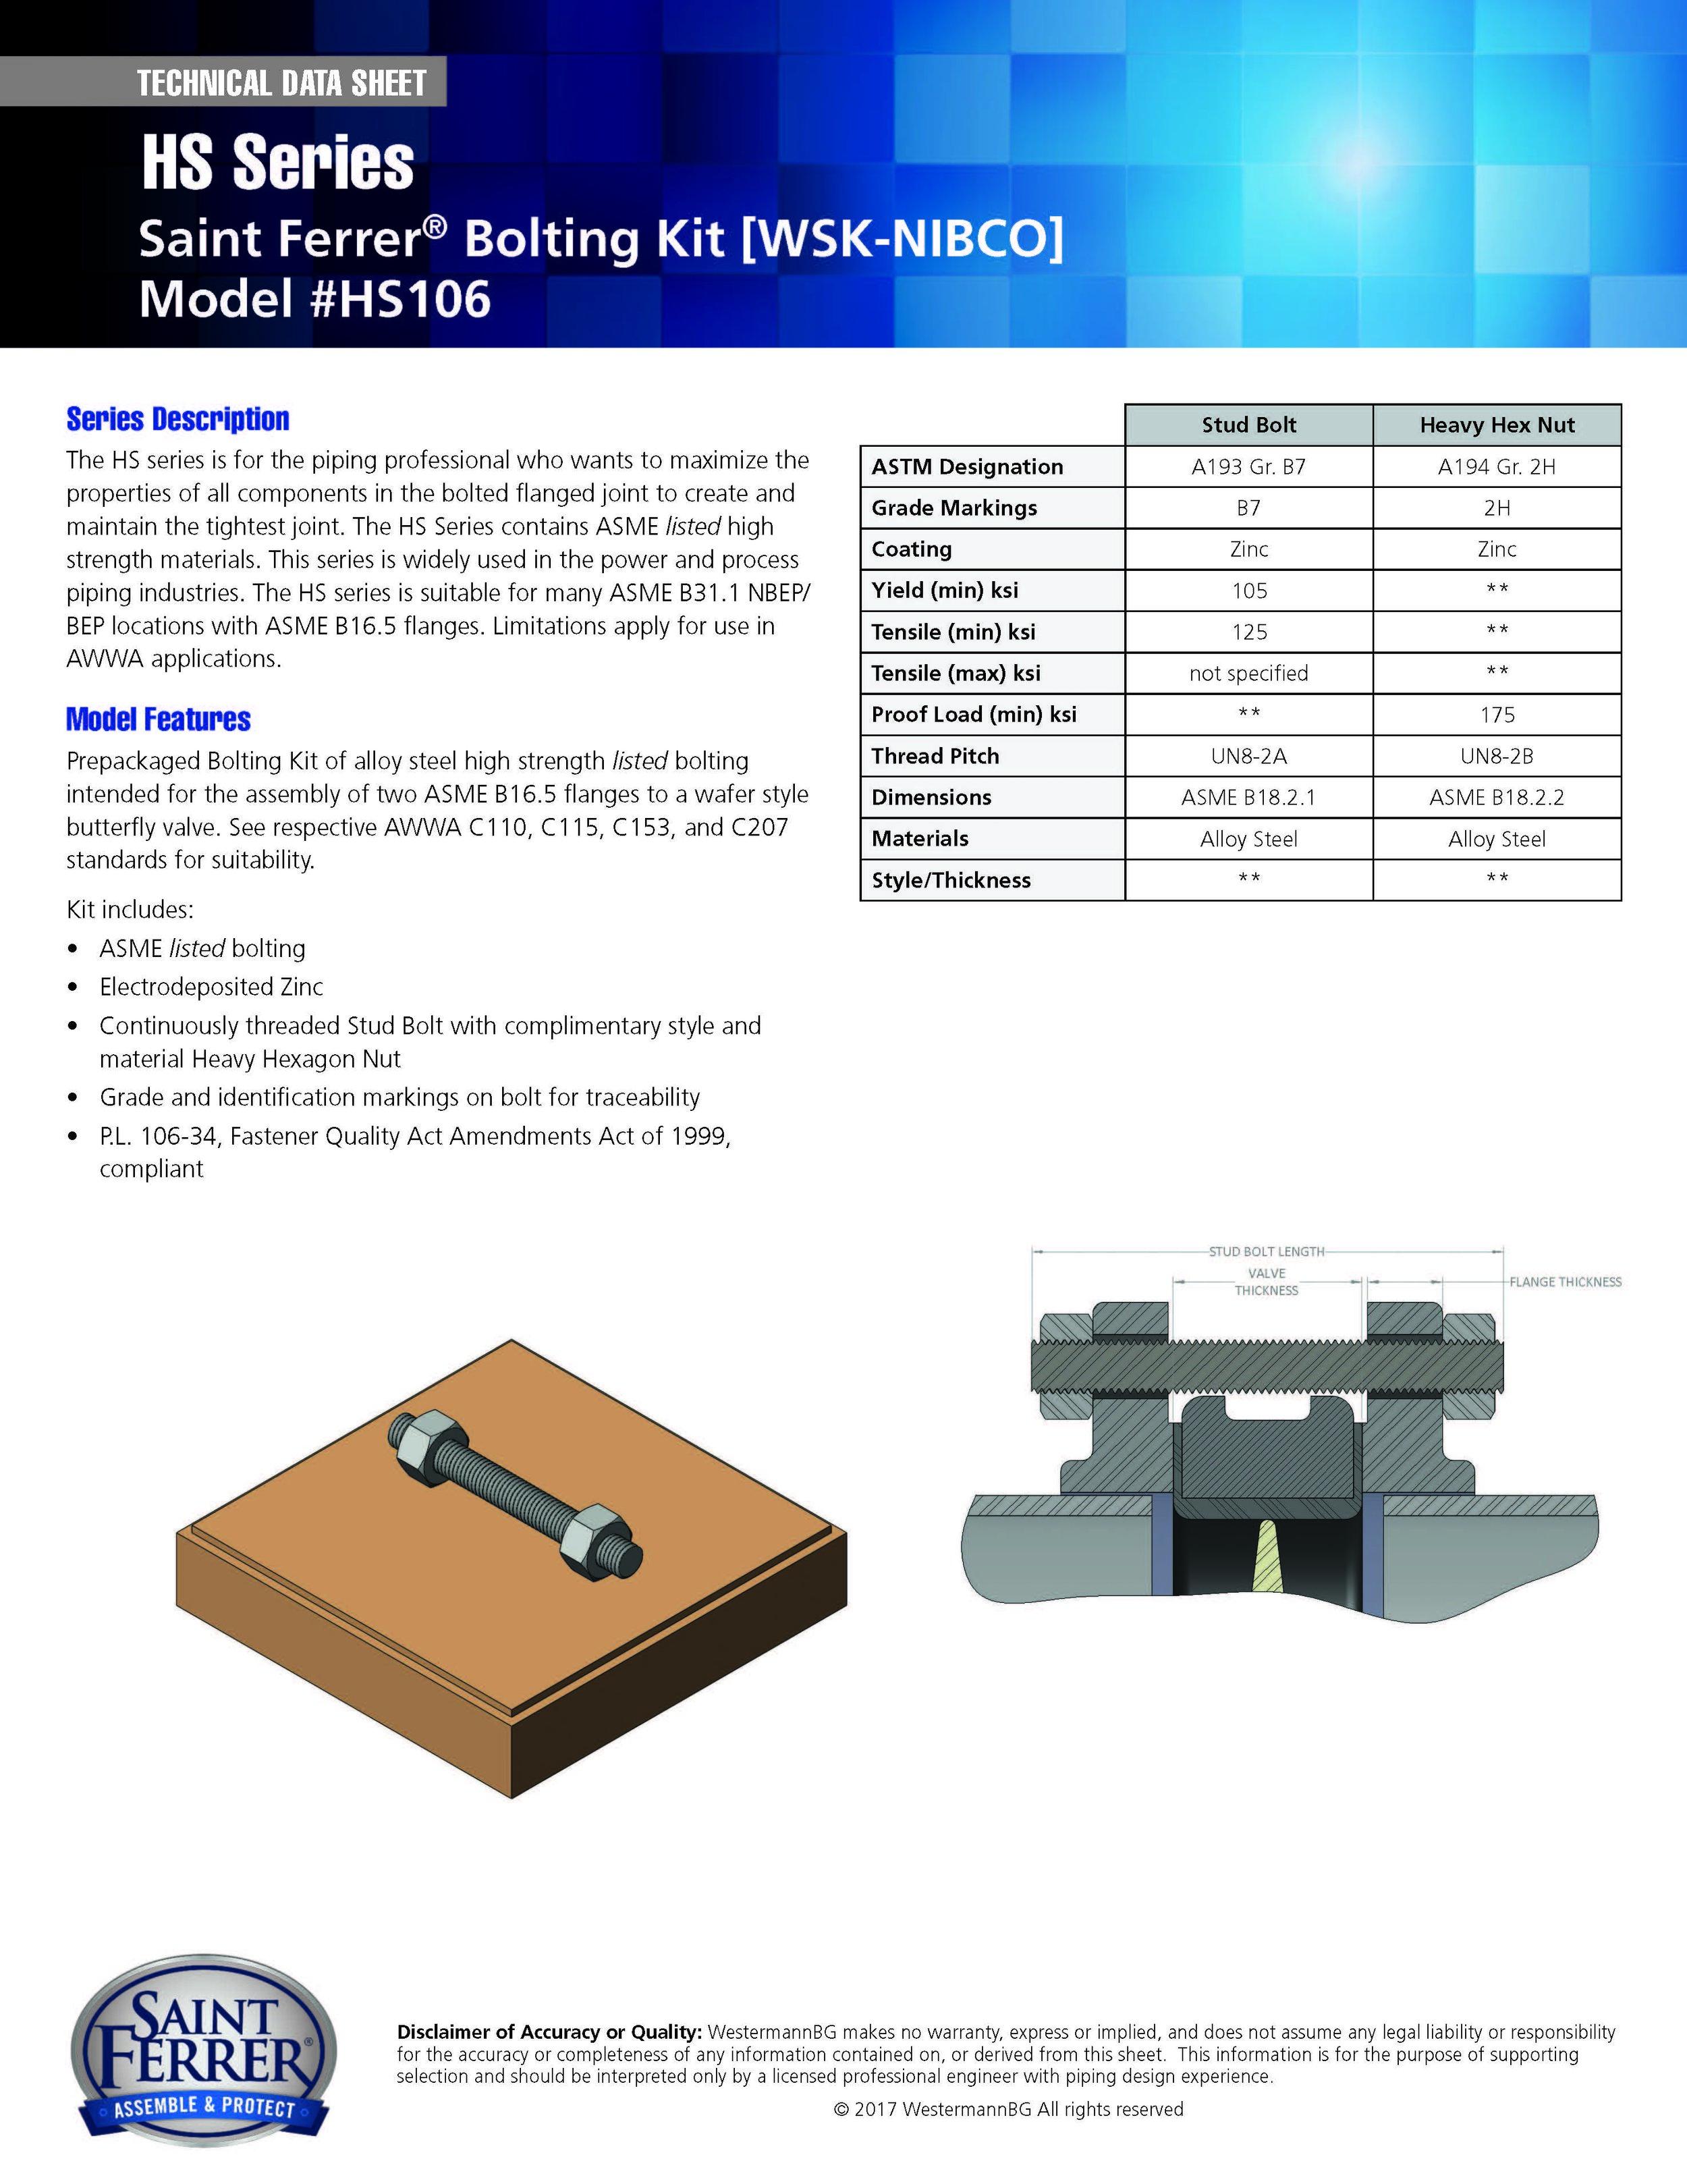 SF_Data_Sheet_HS_Series_HS106.jpg